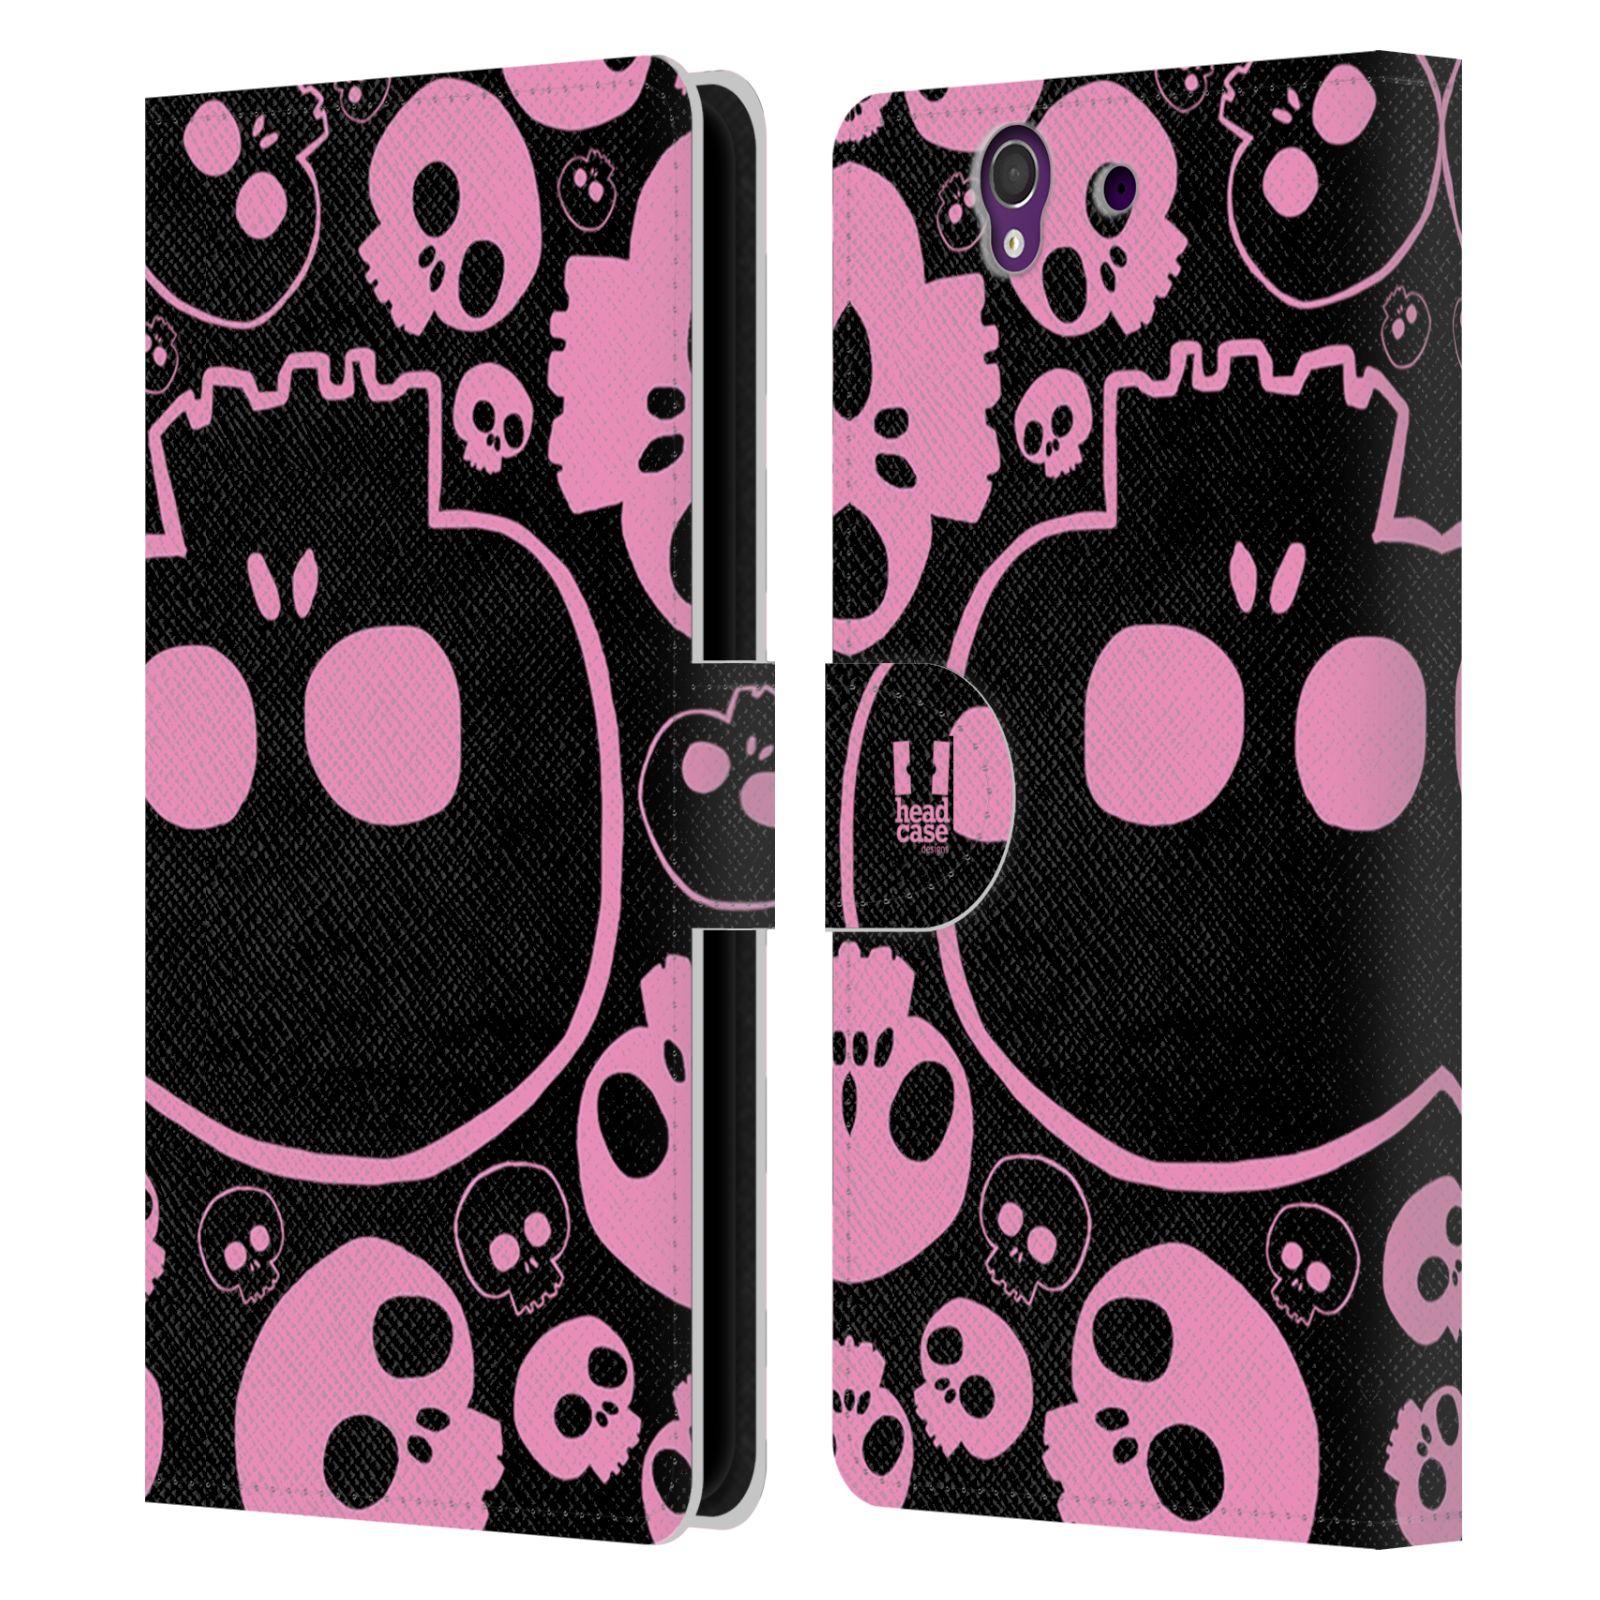 HEAD CASE Flipové pouzdro pro mobil SONY XPERIA Z (C6603) barevné lebky růžová